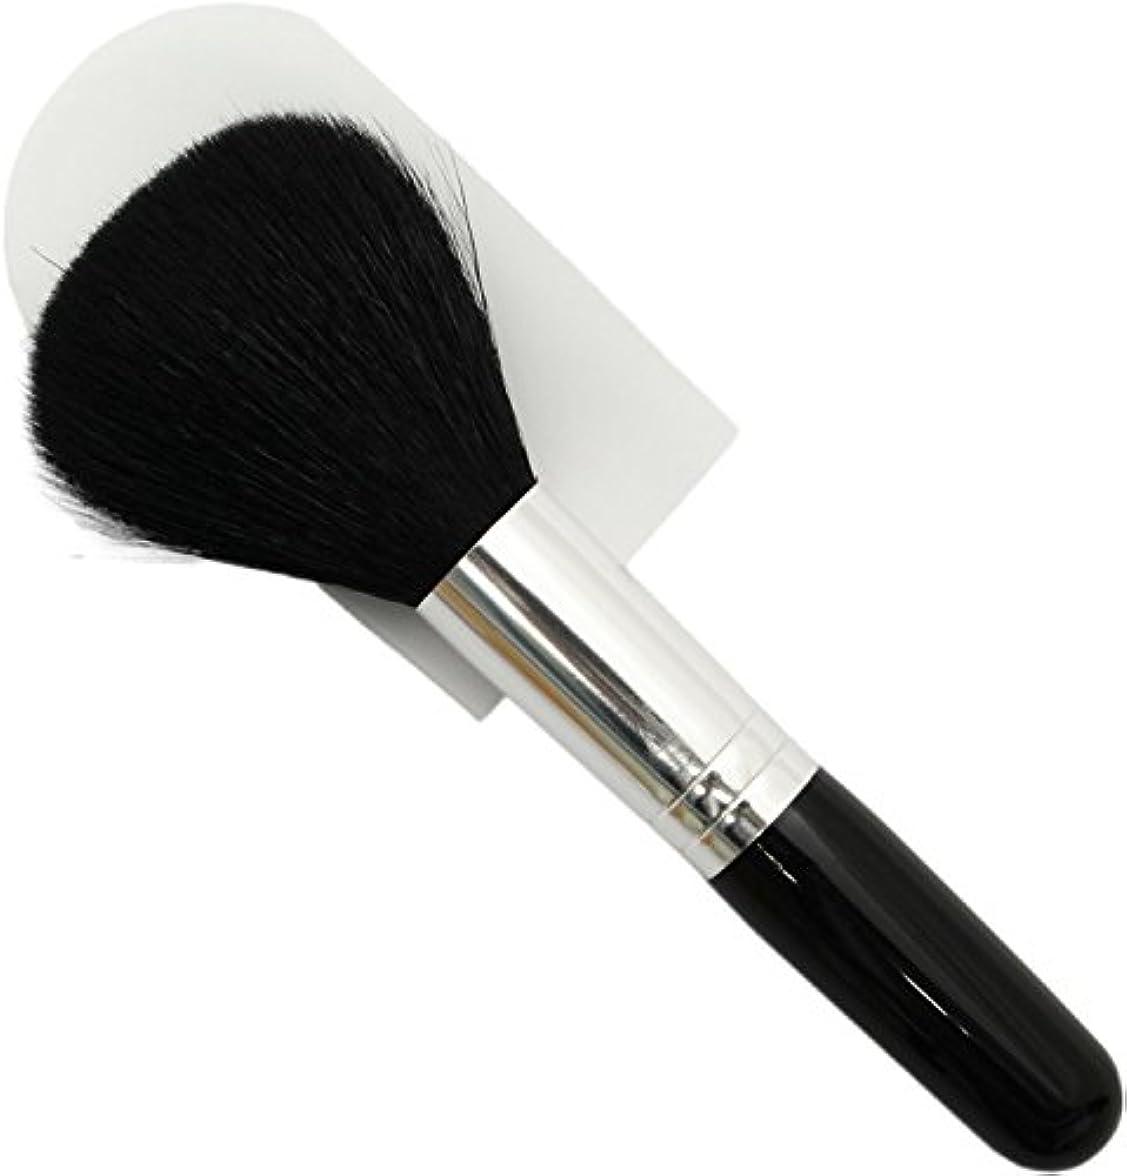 傘なくなるオール熊野筆 メイクブラシ KUシリーズ パウダーブラシ 山羊毛